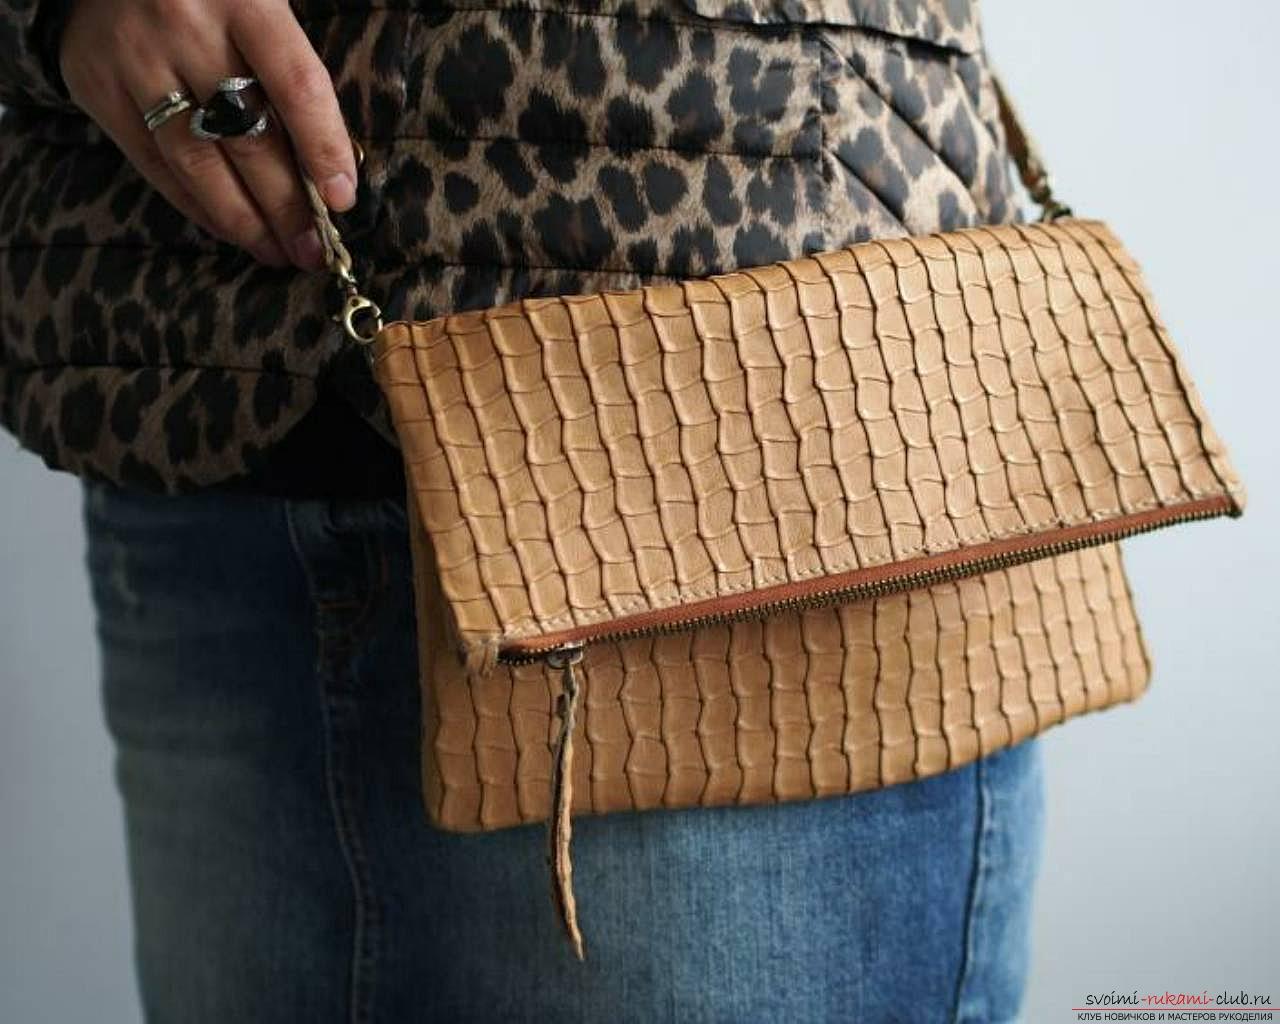 кожаный клатч для женщин своими руками. Фото №6